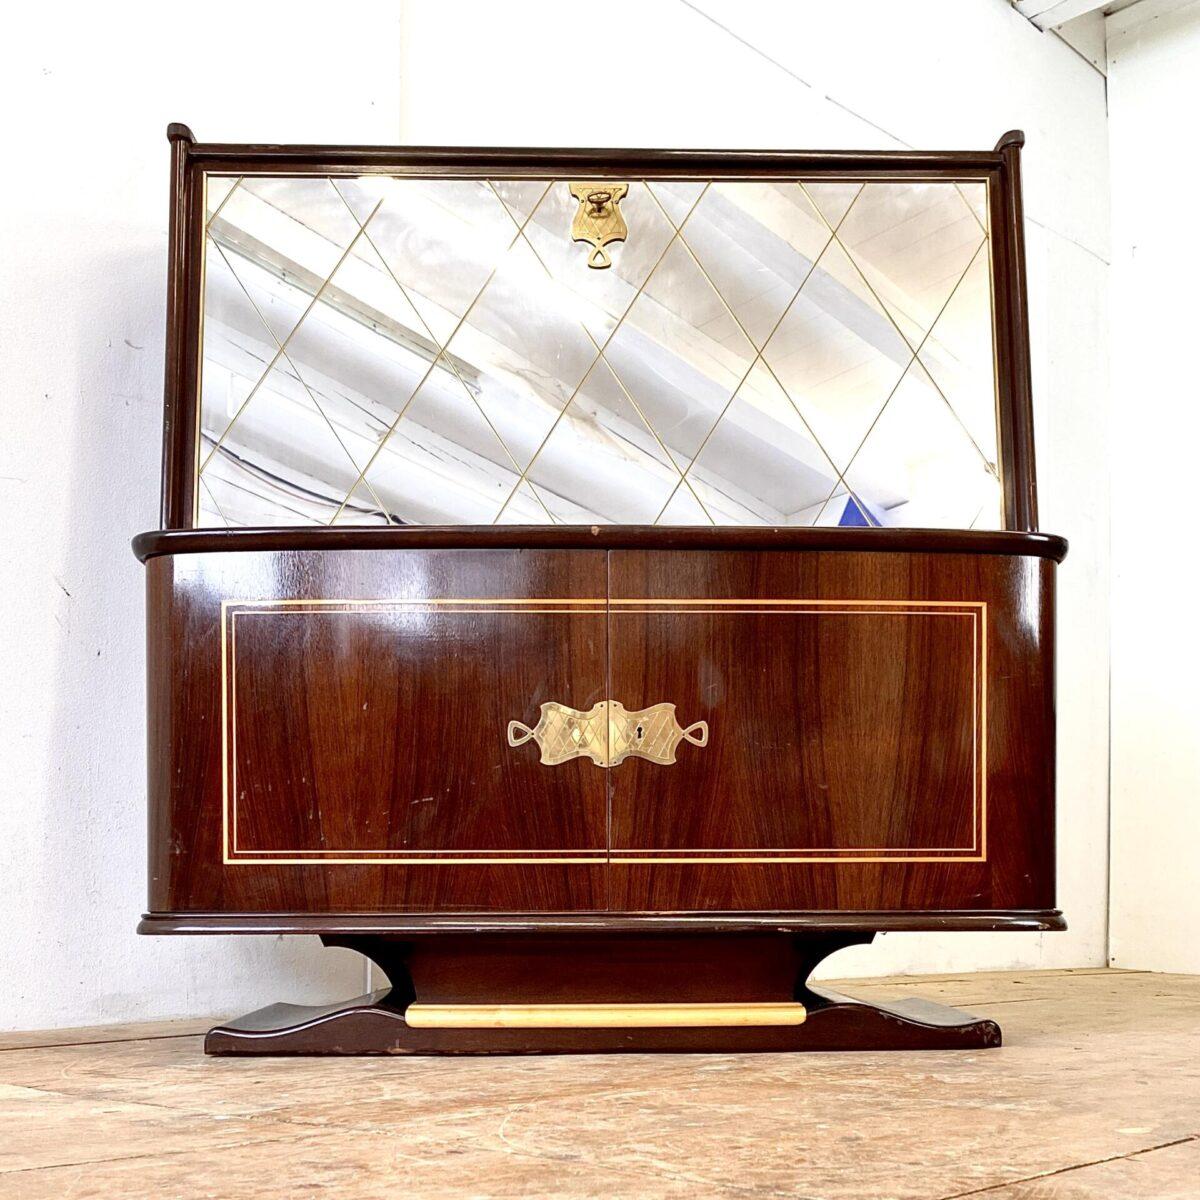 Sekretär mit Spiegel und Linoleum Tischblatt. 118x54.5cm Höhe 122cm. Schreibtisch Höhe 72cm. Der Spiegel hat feine Filets eingefräst. Im Innenbereich befinden sich kleine Schubladen und Tablare. Ebenfalls ein Barfach mit Glasboden, die Beleuchtung geht beim aufmachen der Klappe an. Der obere Teil ist abschliessbar, das untere Schloss ist leider nicht funktionstüchtig, die Türen lassen sich aber gut öffnen und schliessen. Das ganze steht auf einem zweifarbigen, geschwungenem Sockel. Ganz im Stile von Art déco Möbeln.